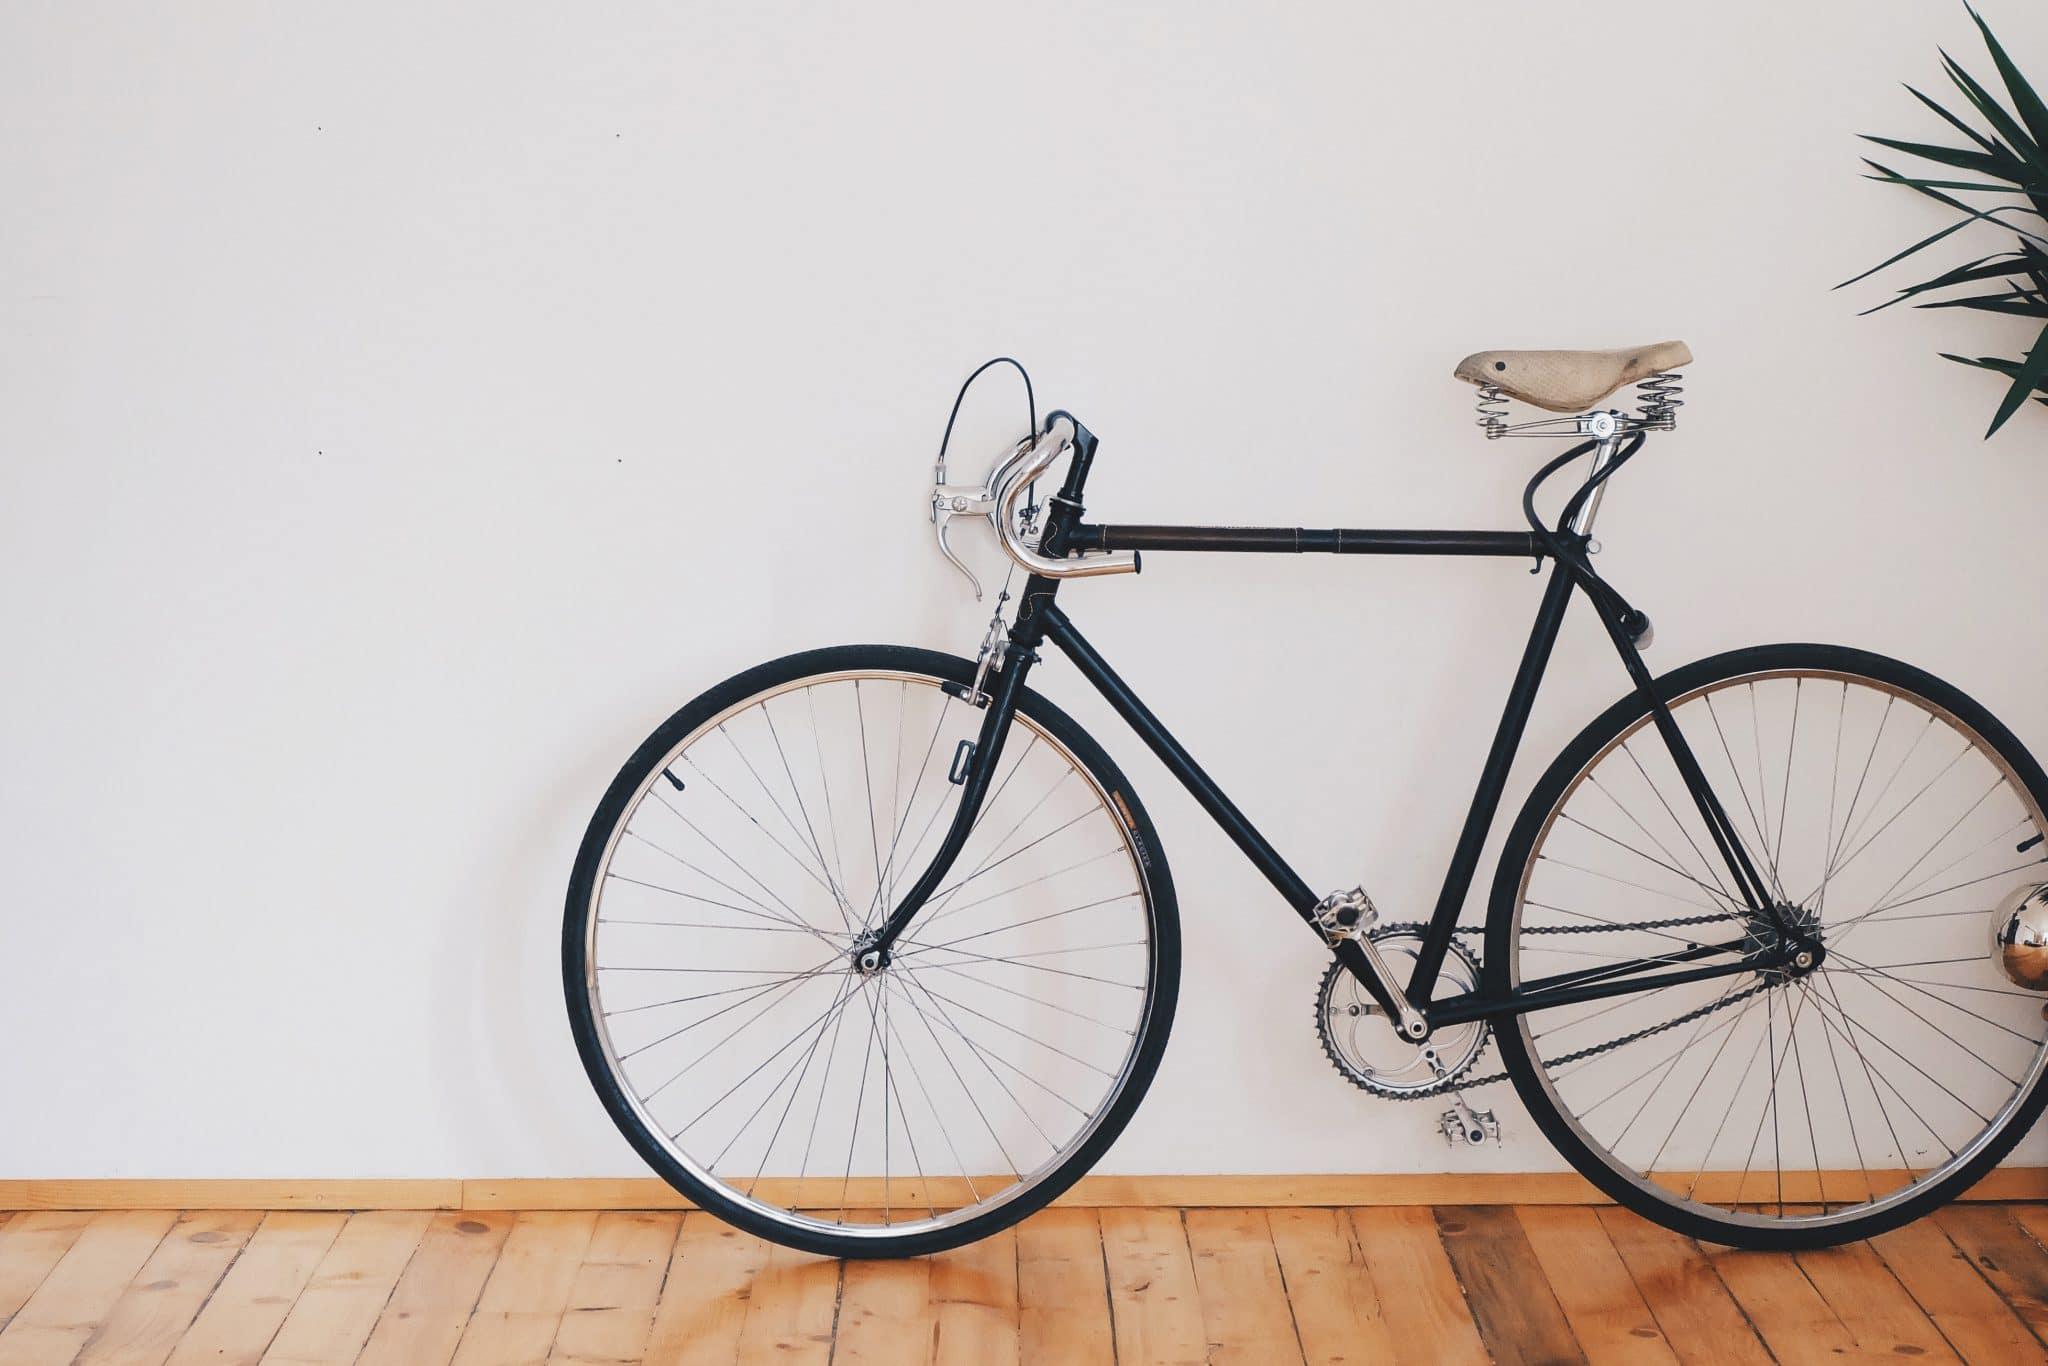 Wenn das Fahrrad in der Wohnung steht, zahlt die Hausratversicherung - eBikeNews